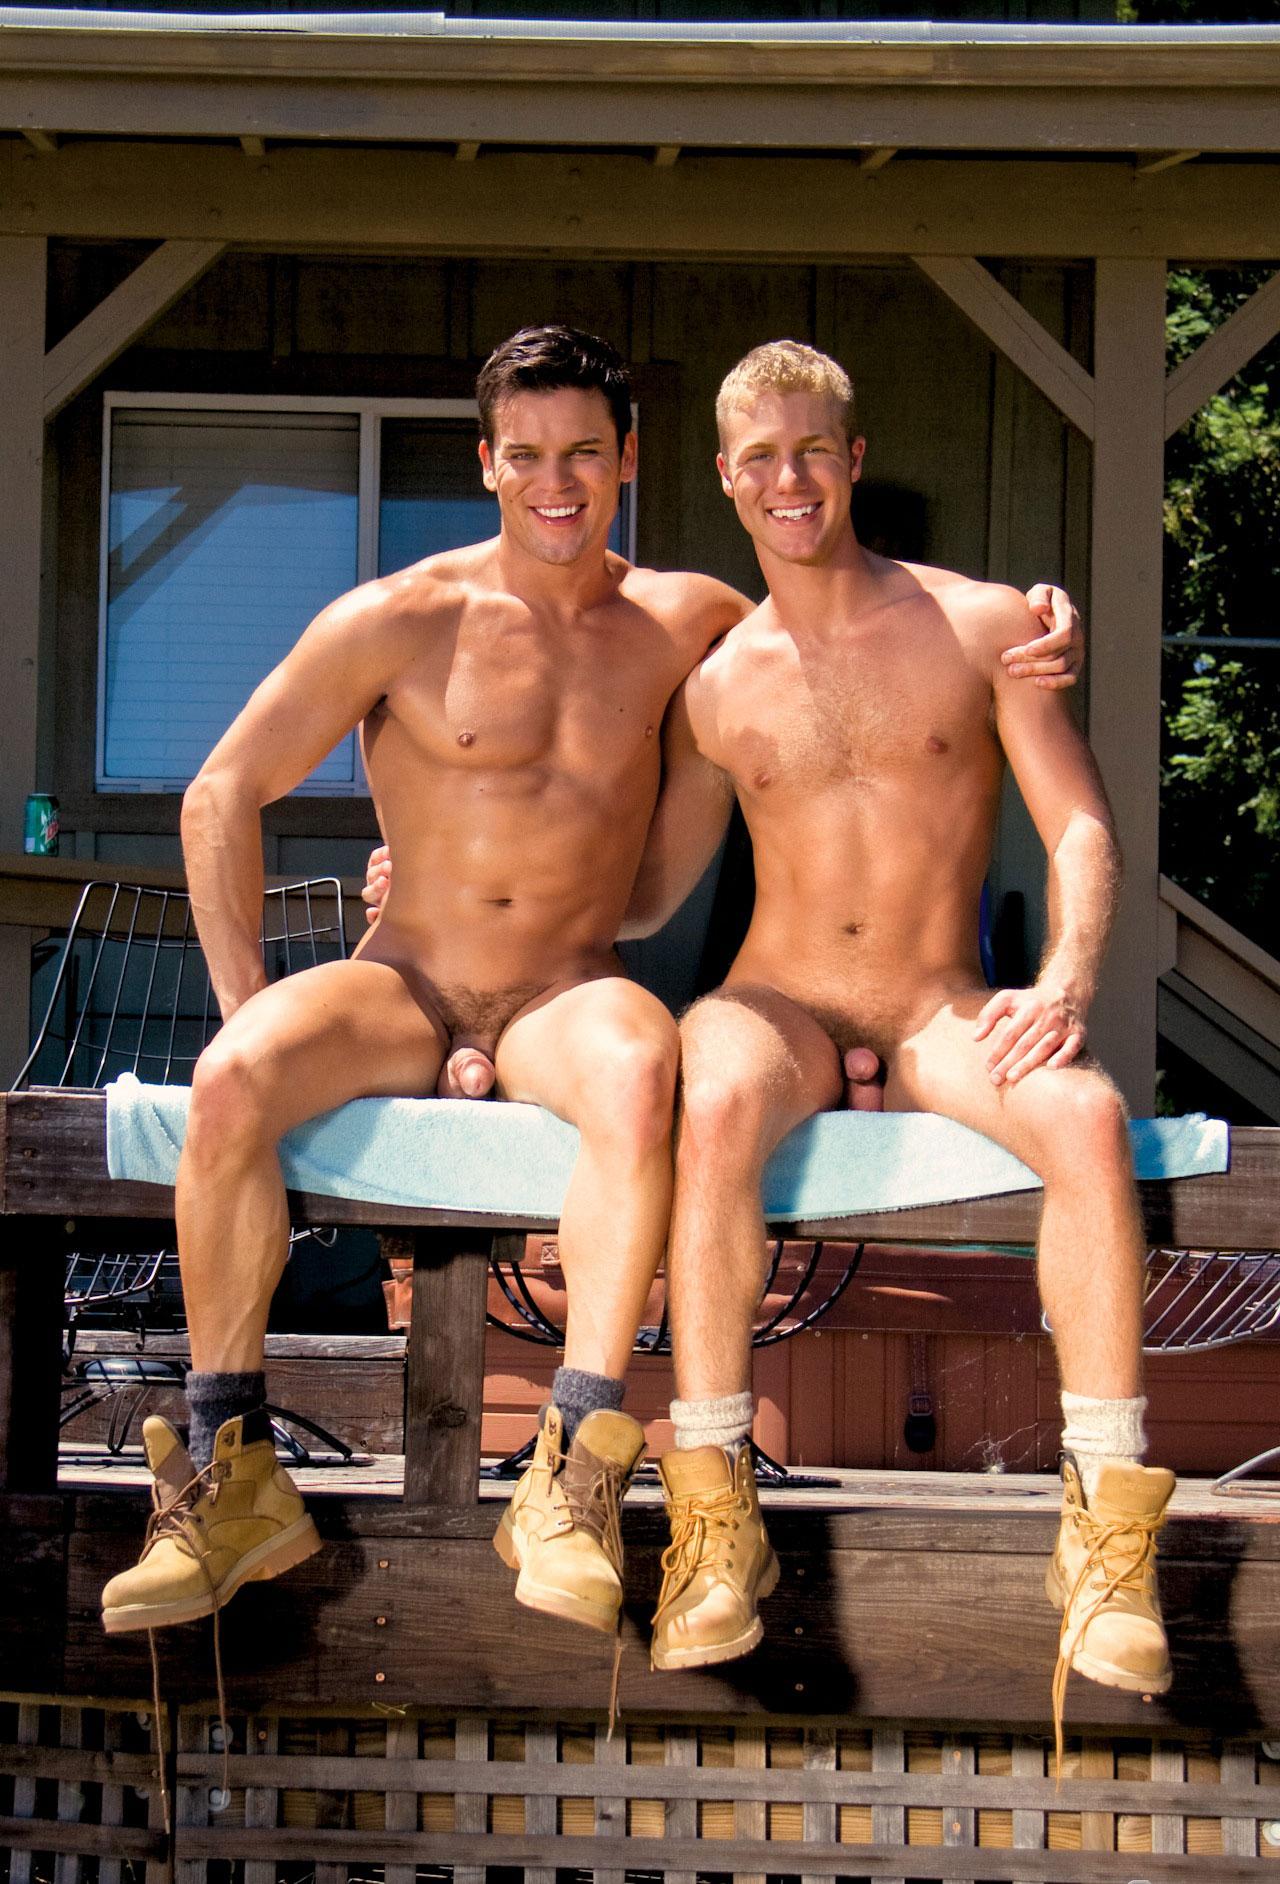 los chicos gay mas guapos del mundo